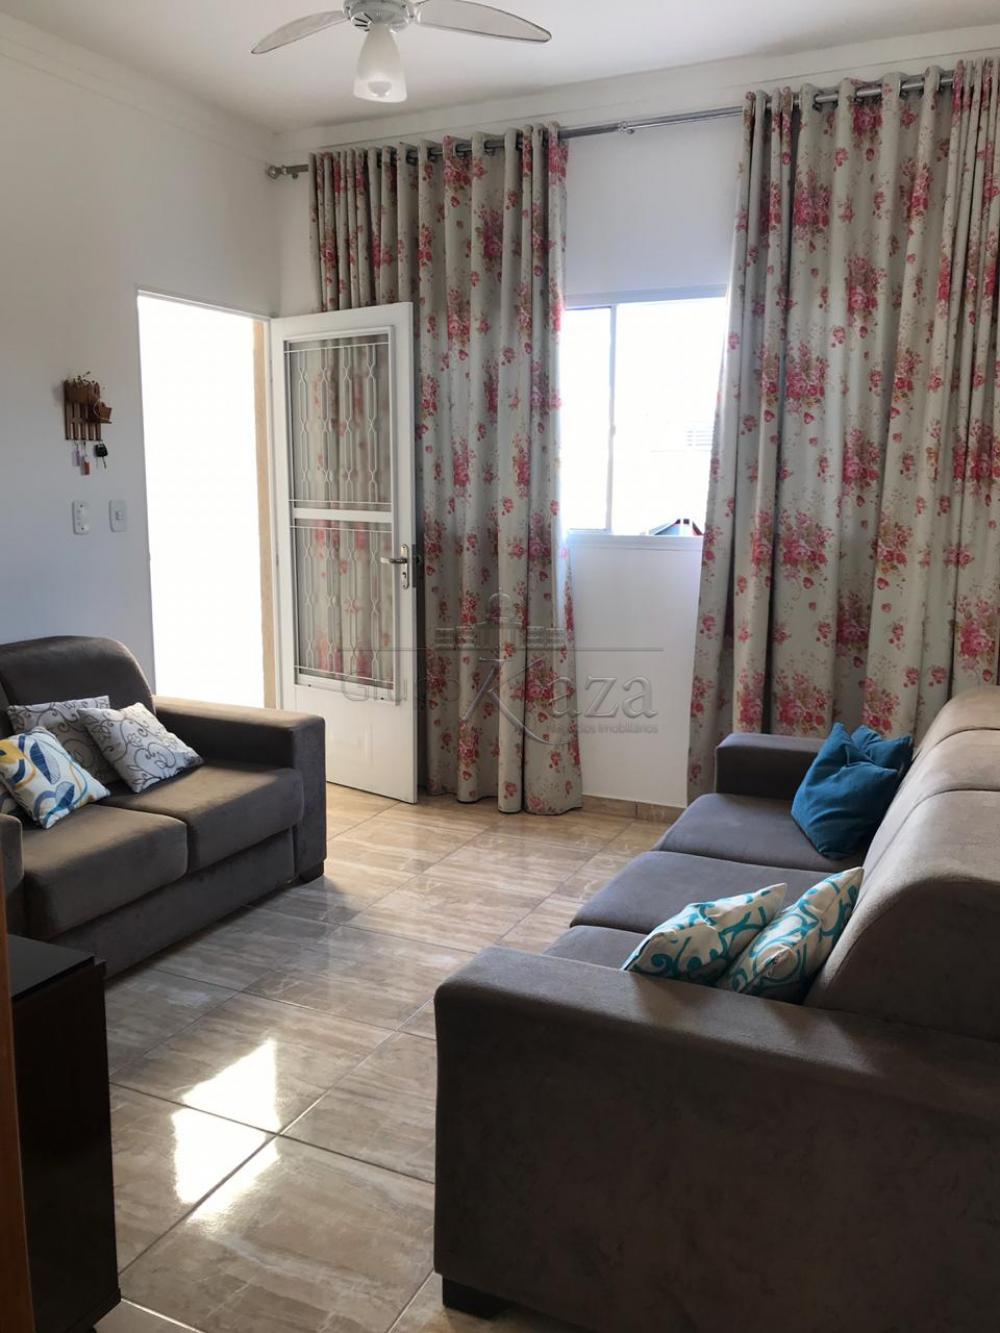 Comprar Casa / Térrea em Taubaté apenas R$ 250.000,00 - Foto 2